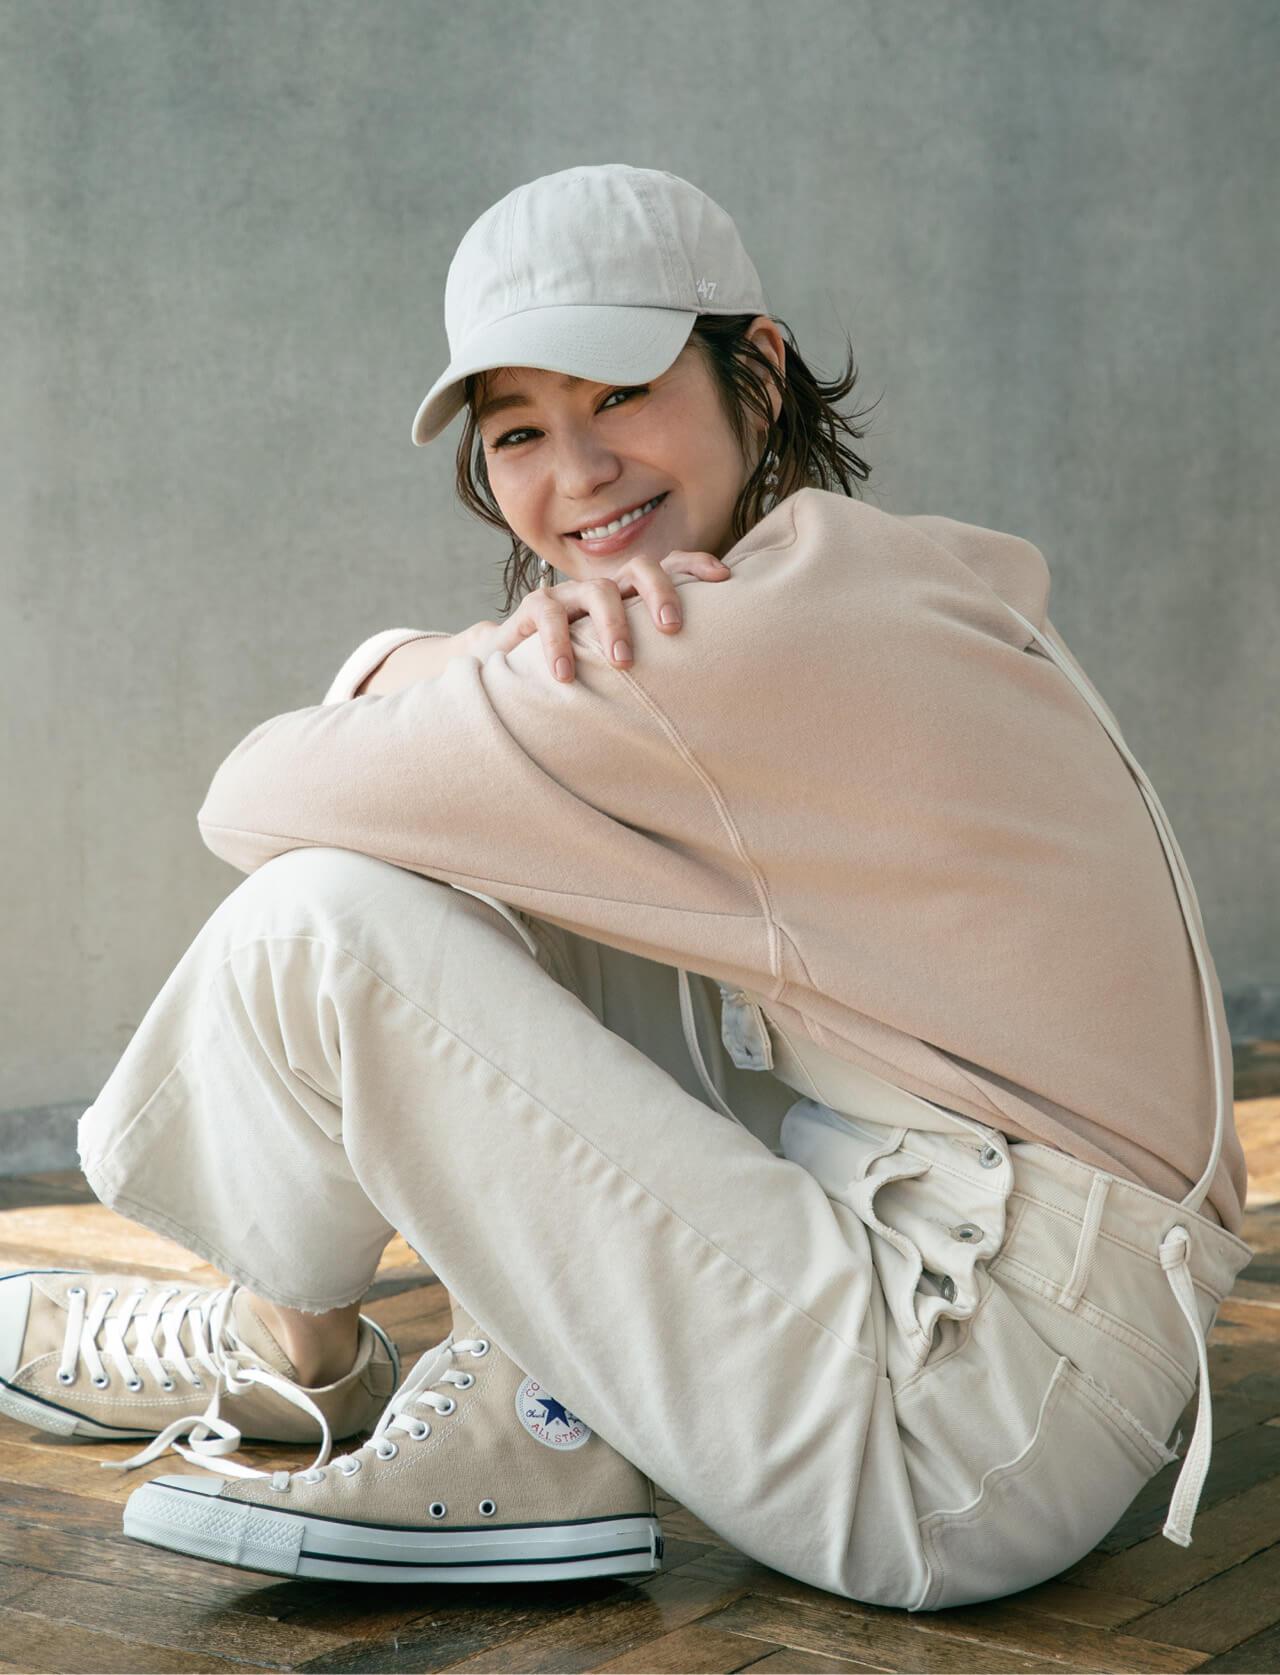 モデル/竹下玲奈さん 帽子¥3520/OSM インターナショナル(フォーティーセブン